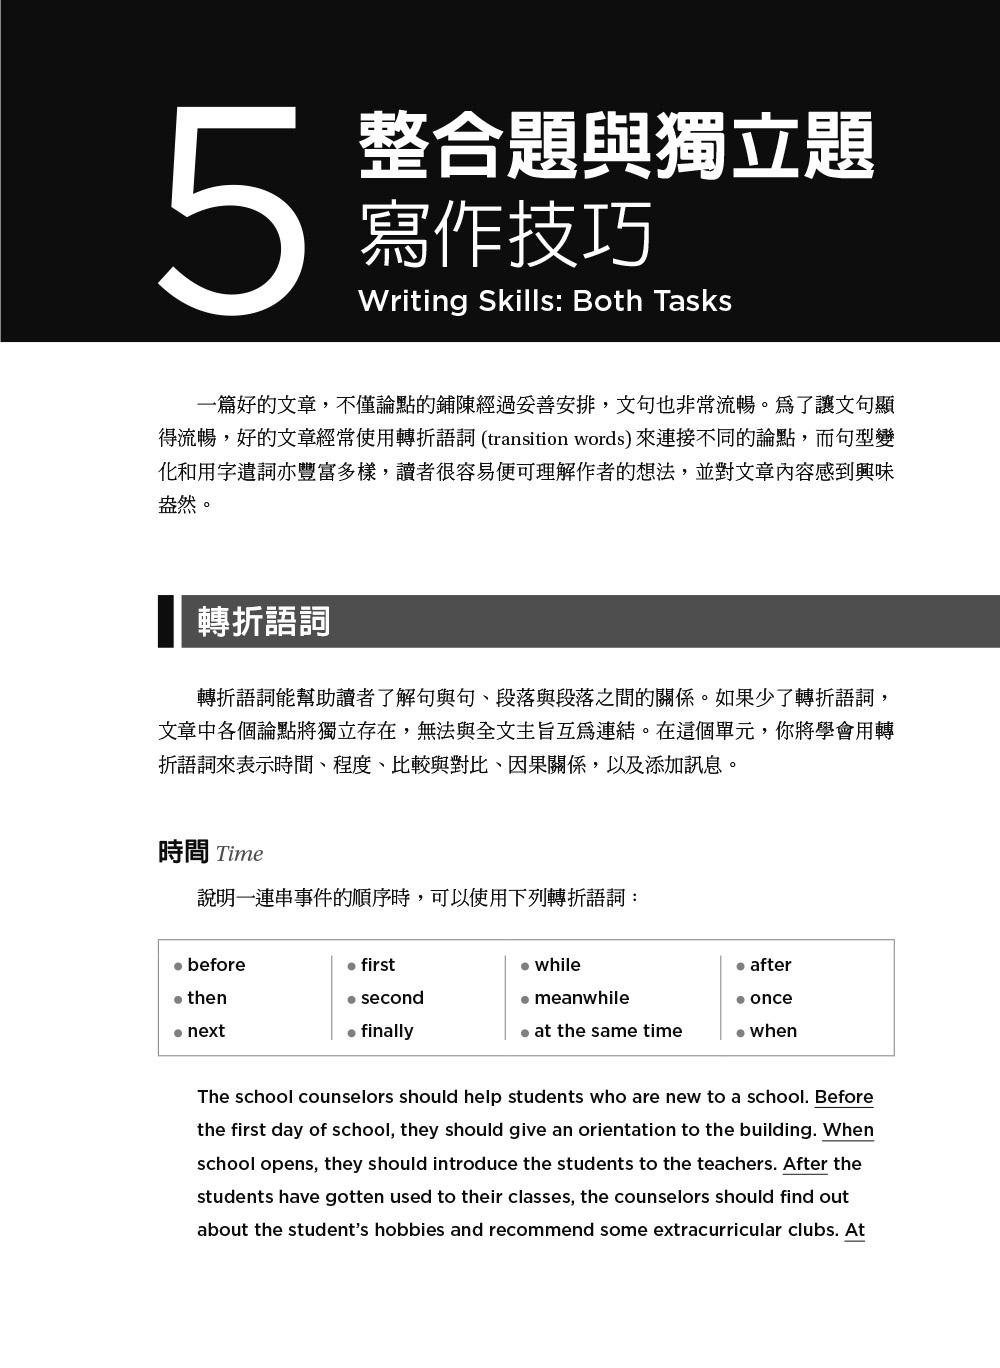 (合作)考試用書-托福3步驟高分寫作 – fang